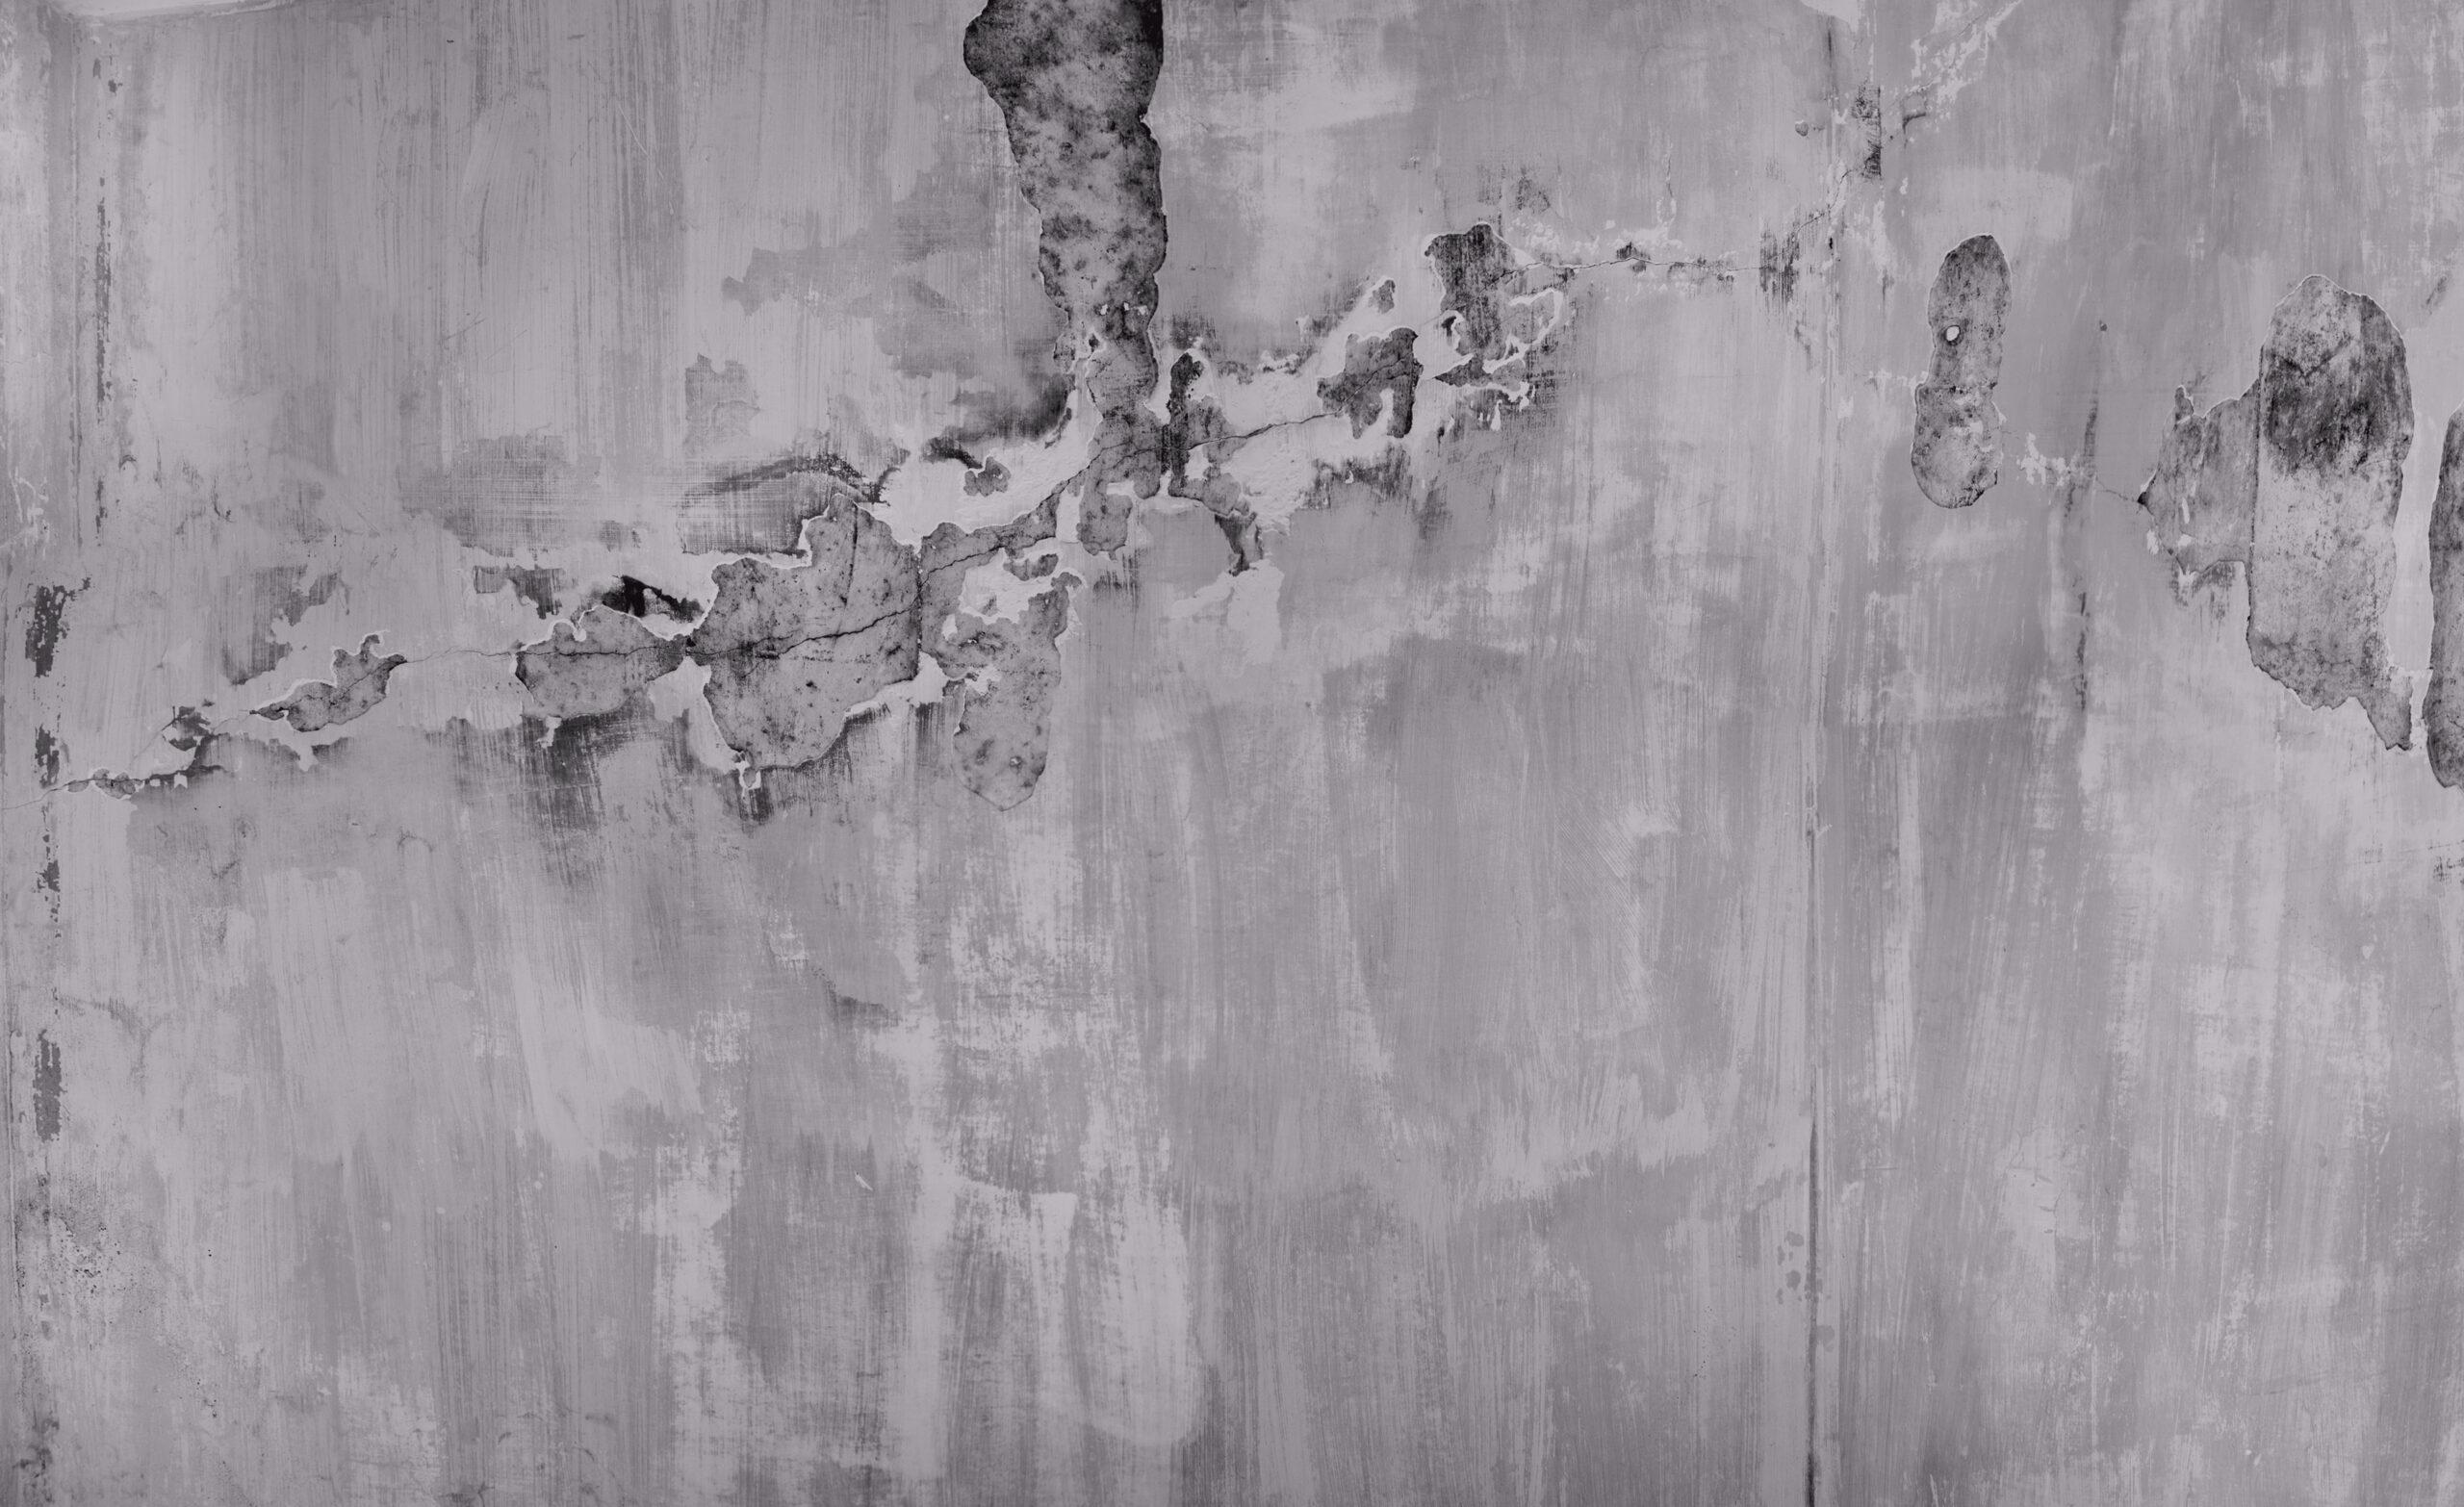 Full Size of Tapete Betonoptik Kollektion Factory Iii Von Rasch Jetzt Entdecken Bad Küche Tapeten Schlafzimmer Fototapete Wohnzimmer Fenster Für Die Modern Ideen Wohnzimmer Tapete Betonoptik